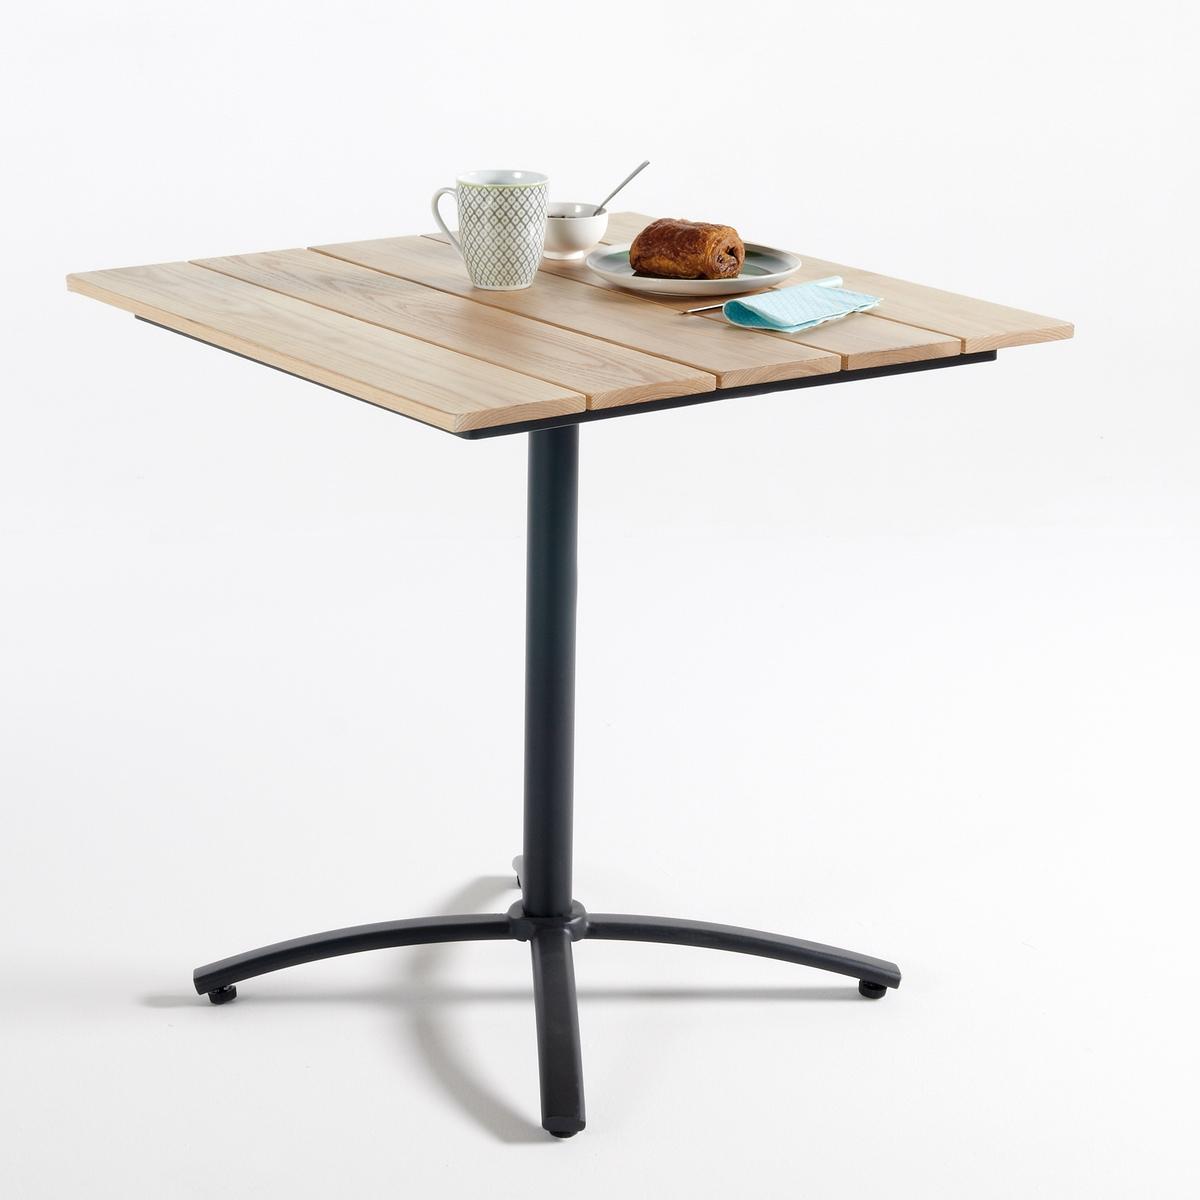 Столик складной для сада из металла и дерева, AmaliaКруглый столик на одной ножке для сада Amalia. Аккуратный круглый столик на одной ножке для сада Amalia можно использовать на террасе, балконе или в саду. Практичный столик, квадратная наклонная столешница обеспечивает легкое хранение вещей. Характеристики круглого столика на одной ножке для сада Amalia :Металлическая ножка, покрытие эпоксидным лаком.Наклонная столешница из массива дуба, покрытие полиуретановым лаком.Квадратная наклонная столешница для оптимальной экономии пространства.Размеры круглого столика на одной ножке для сада Amalia :Общие размерыШирина : 70 смВысота : 72 смГлубина : 70 смРазмеры и вес упаковки :1 упаковка76 x В.16 x 73 см13 кгДоставка:Товар продается в собранном виде. Возможна доставка до квартиры при предварительной договоренности  !   Внимание! Убедитесь, что доставка товара возможна, учитывая его габариты.<br><br>Цвет: дуб